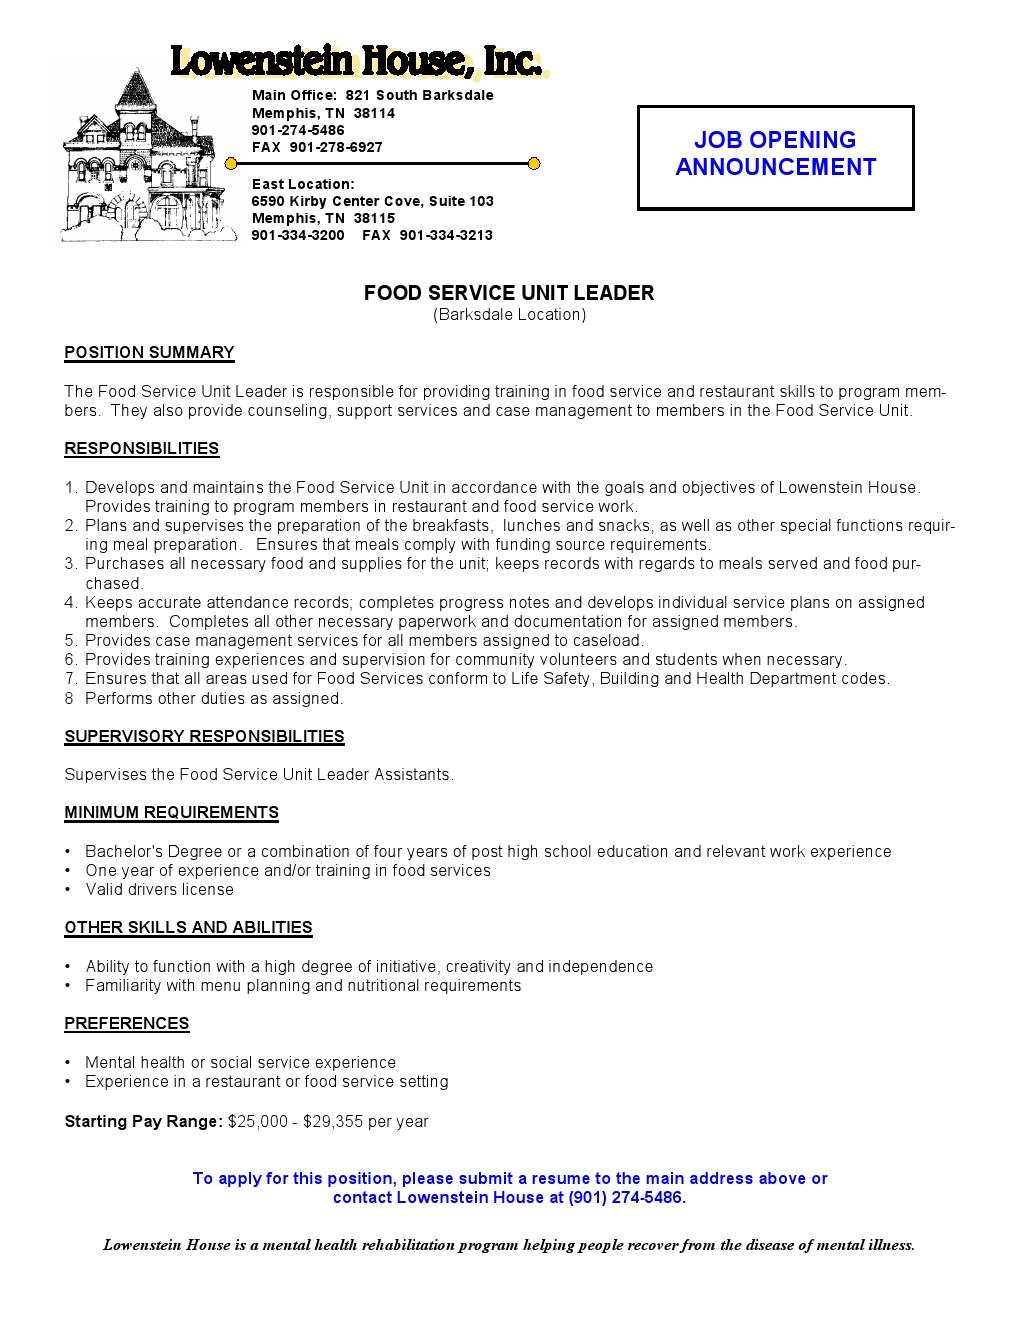 Food Server Resume Resume Examples Schoodie Com Waitress Resume Skills  Waitress Resume Skills Examples Waitress Resume  Server Resume Skills Examples